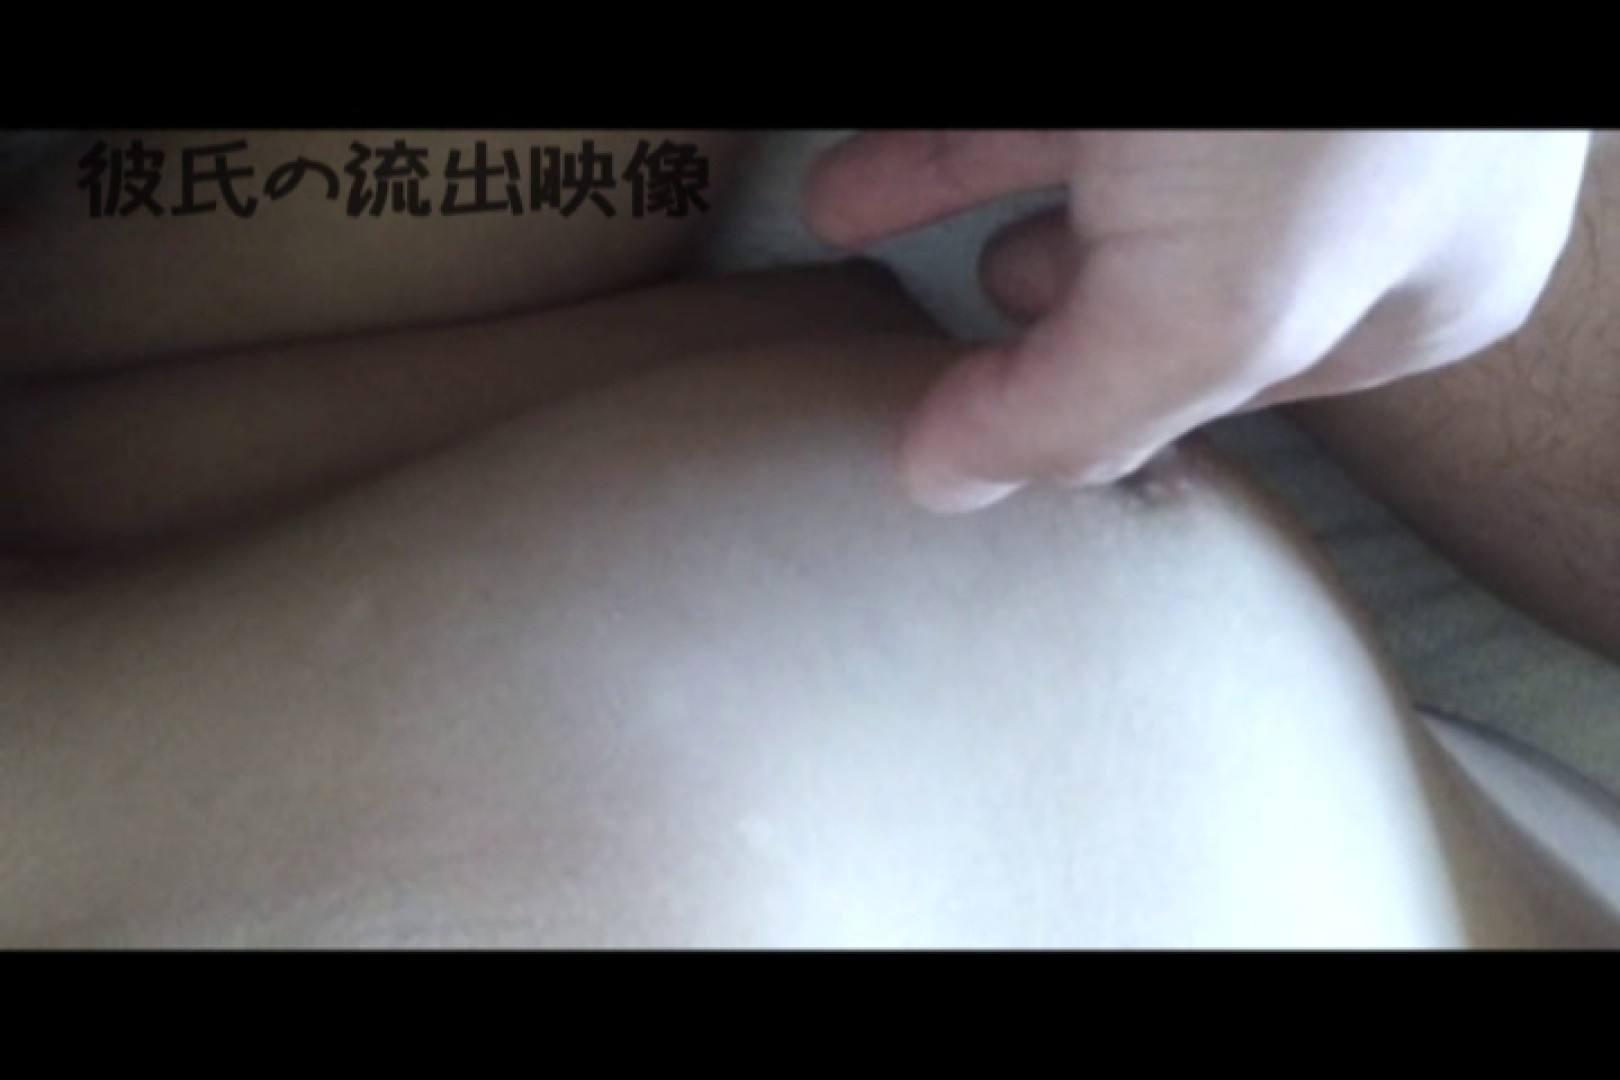 彼氏が流出 パイパン素人嬢のハメ撮り映像03 カップル AV無料 85pic 59